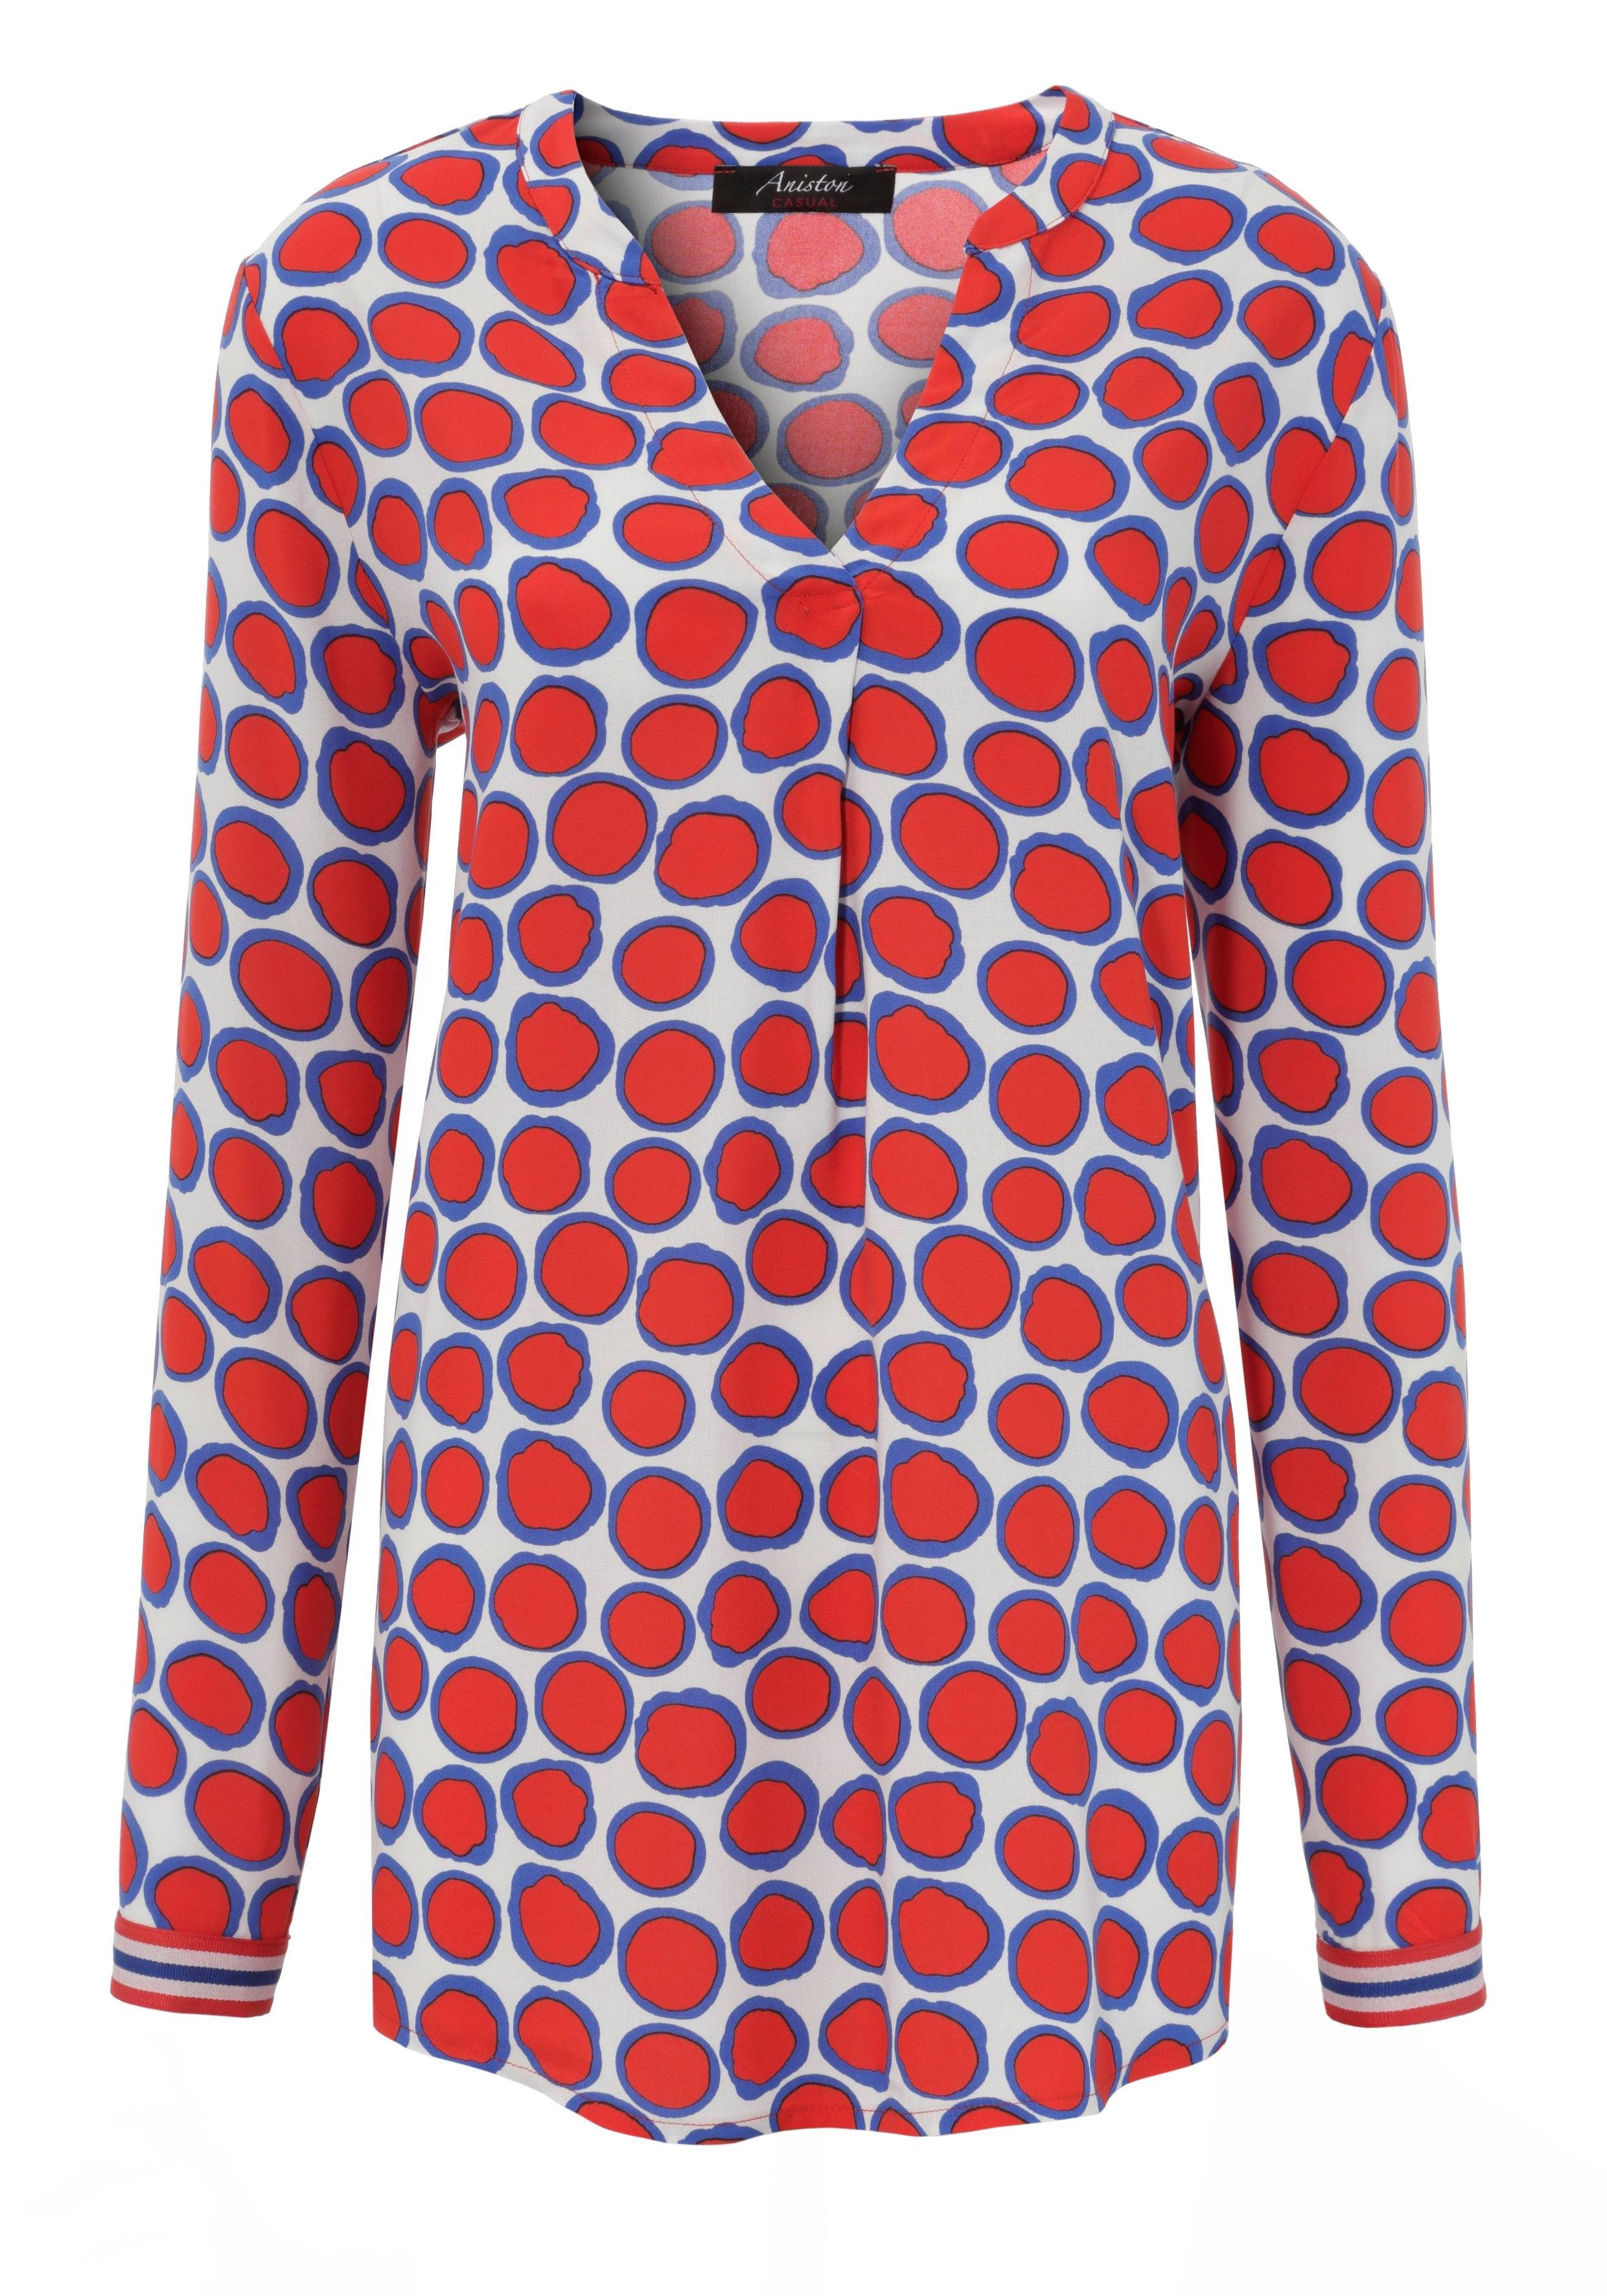 Aniston CASUAL blouse zonder sluiting met opvallende stippen gedessineerd - gratis ruilen op otto.nl